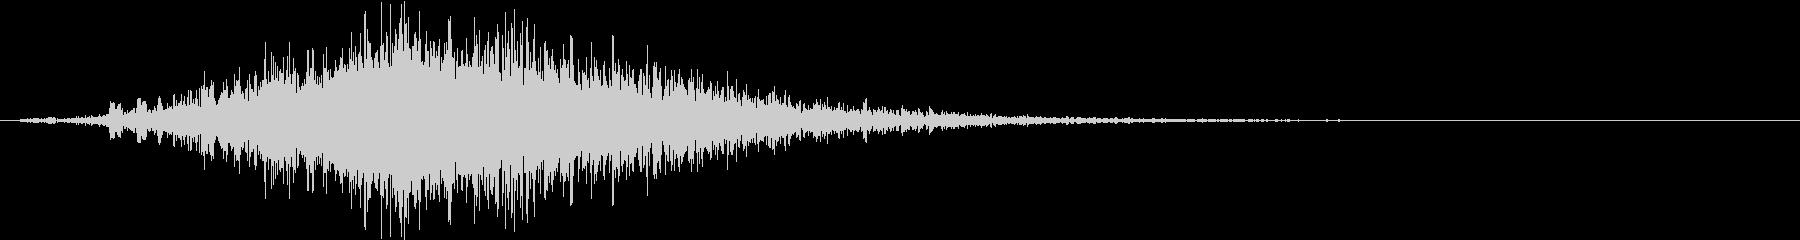 テレビ番組・動画テロップ・汎用UI音aの未再生の波形